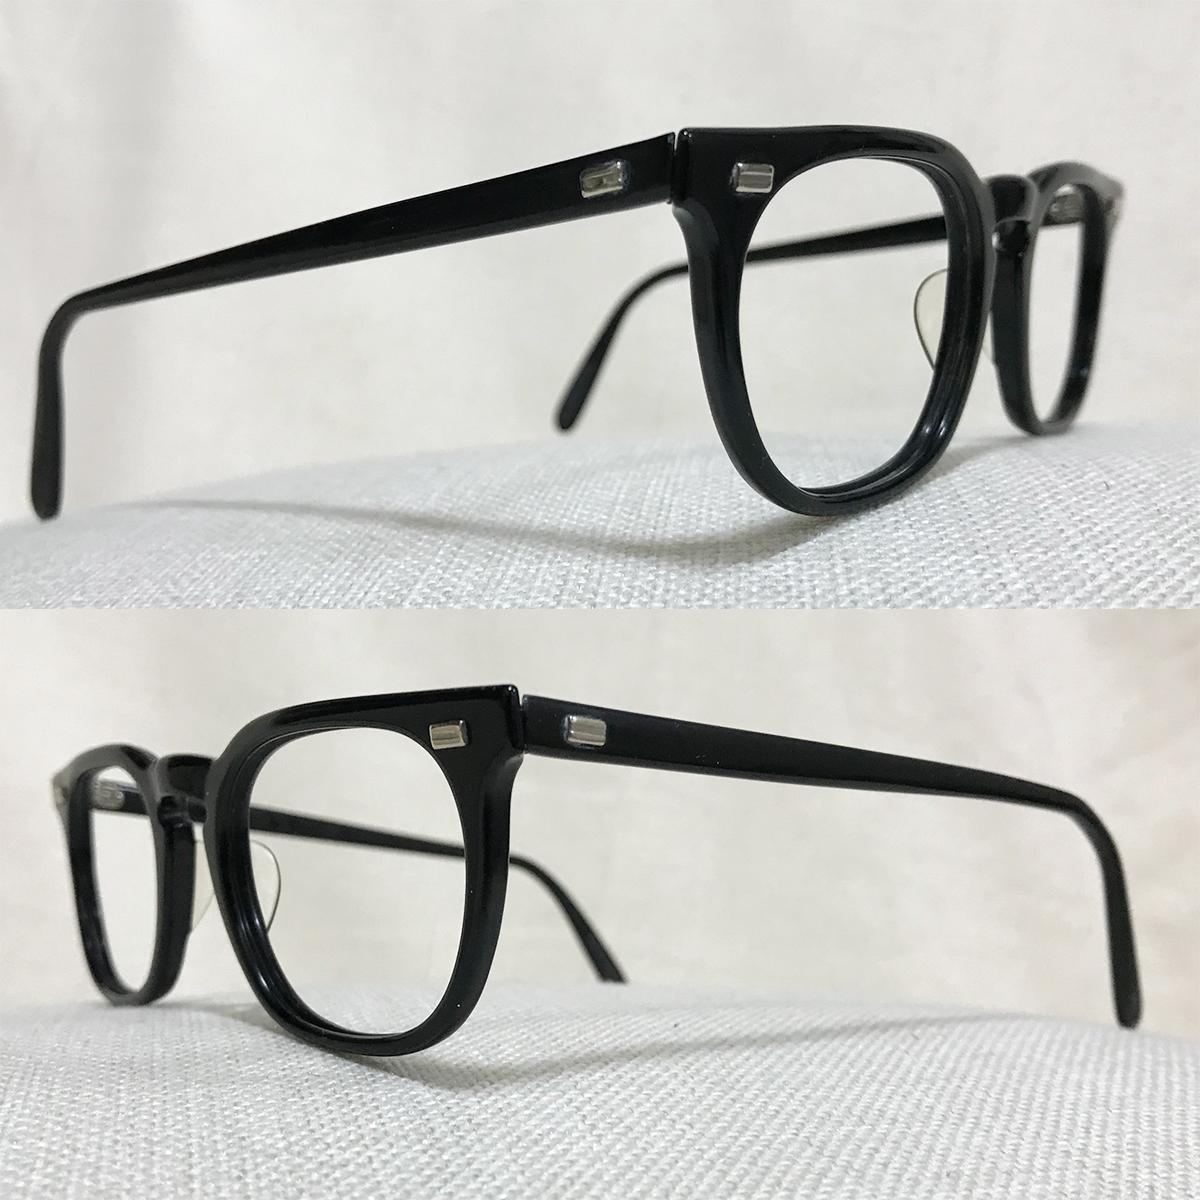 レア個体☆1960s American Optical アメリカンオプティカル ウェリントンフレーム ビンテージ眼鏡 アンティークメガネ_画像3